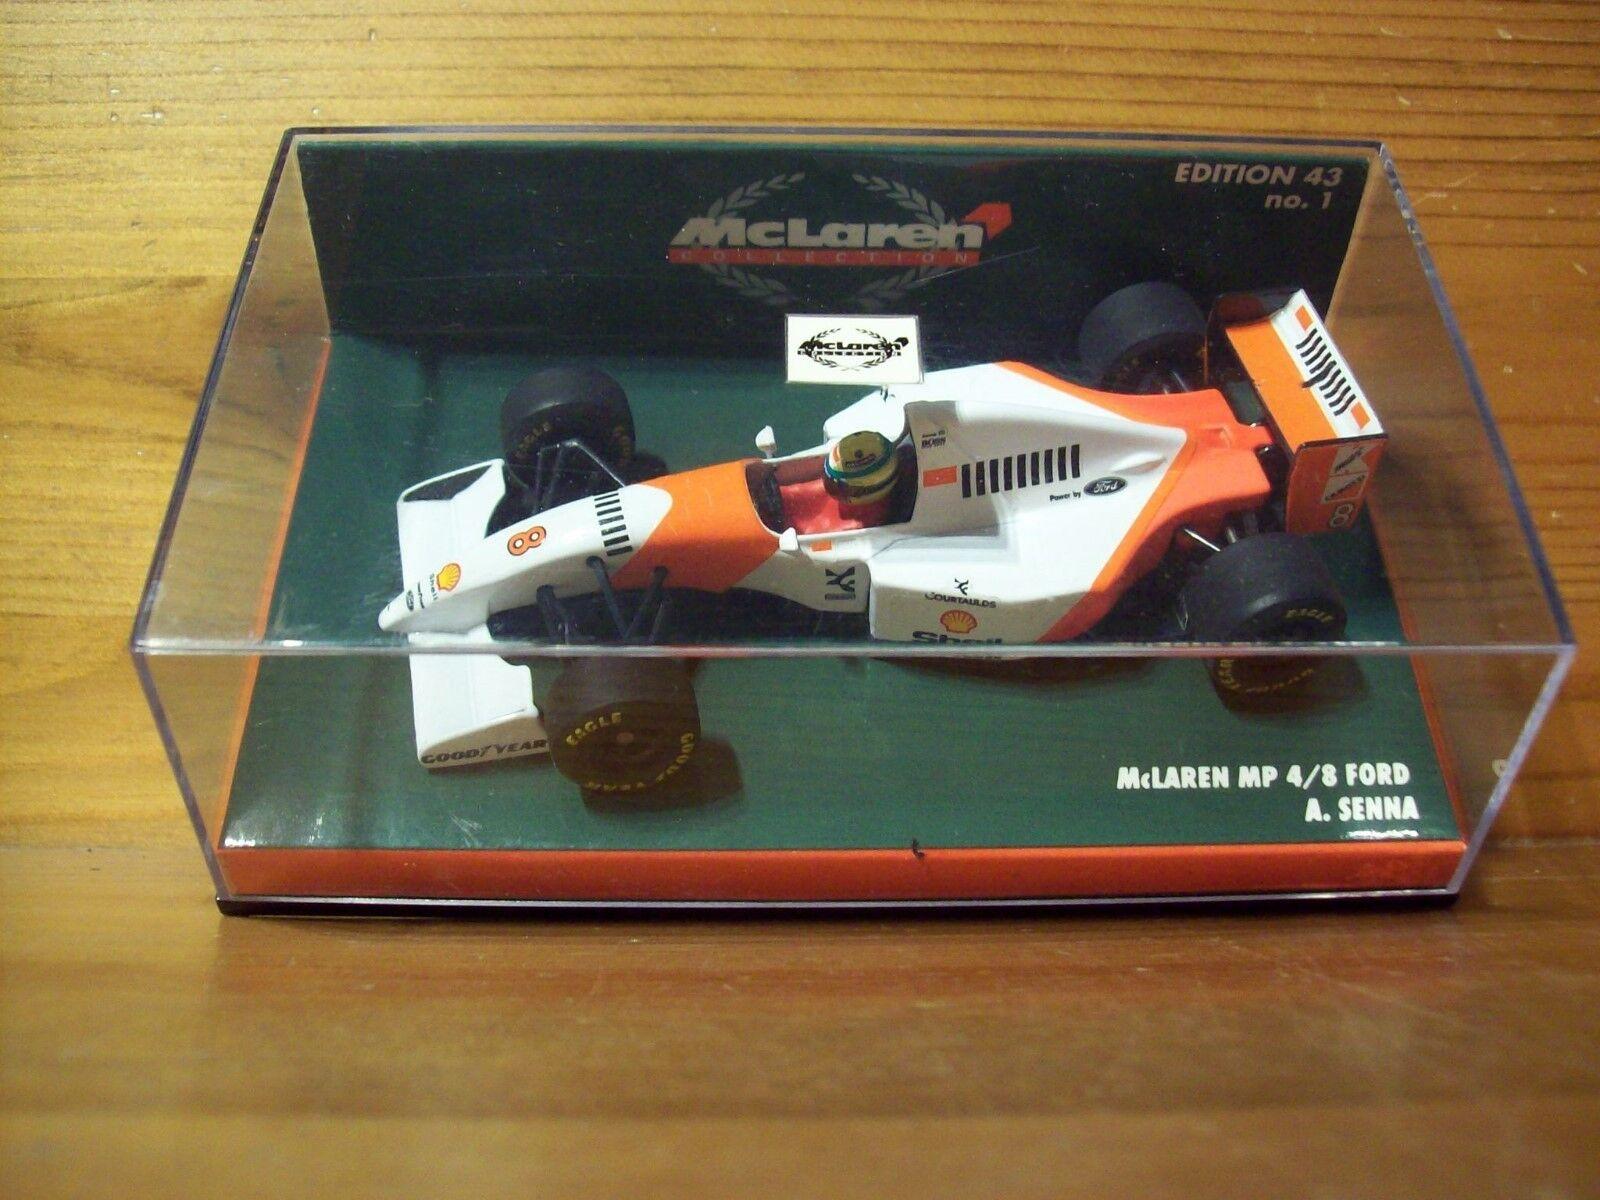 1/43 McLaren MP4/8 edición Ford Ayrton Senna 2018 McLaren Nr 01